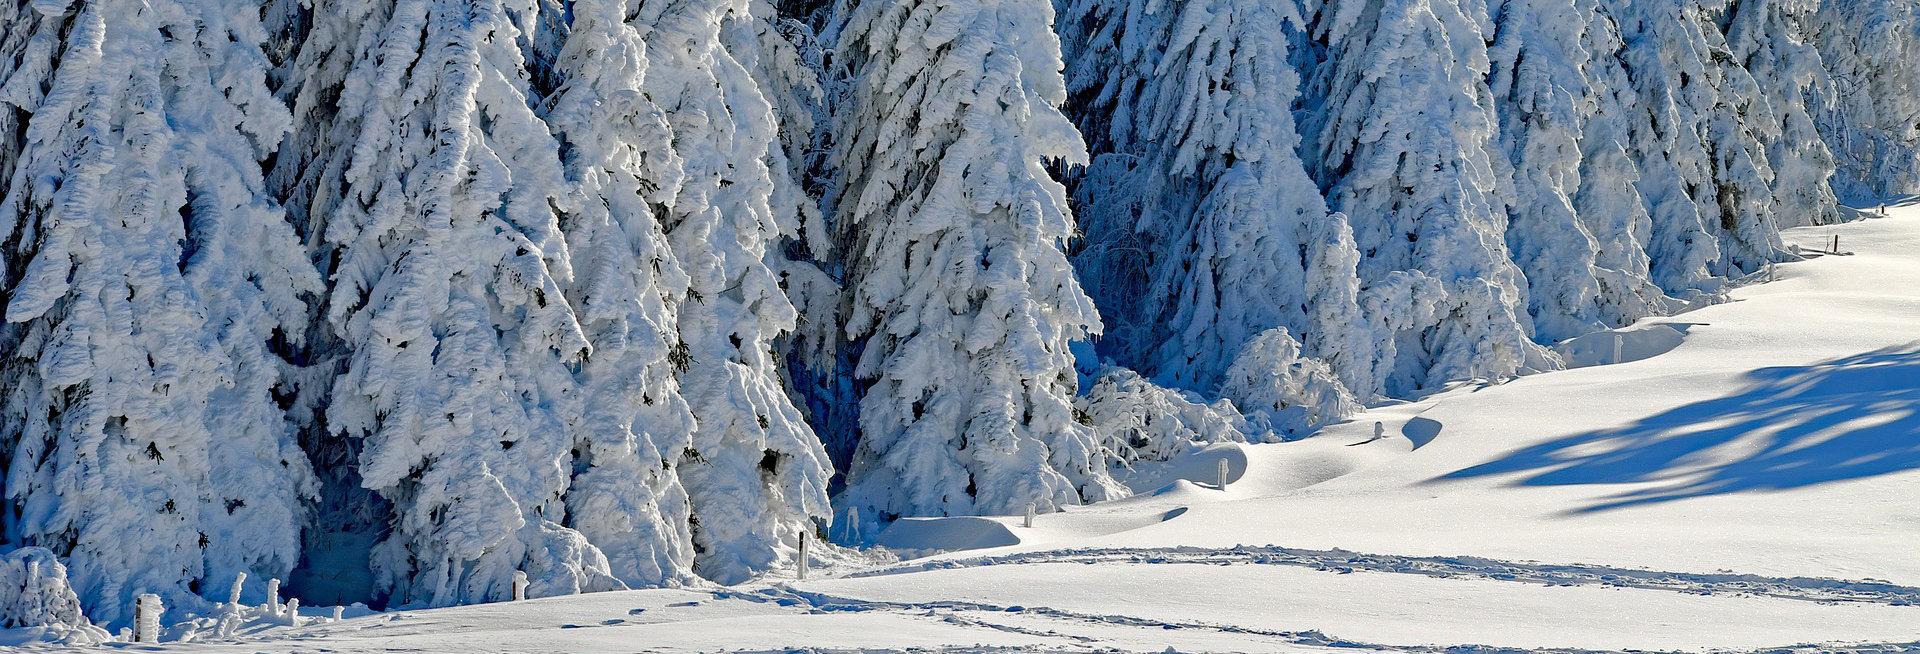 Sneeuwkettingen voor de Toyota Verso